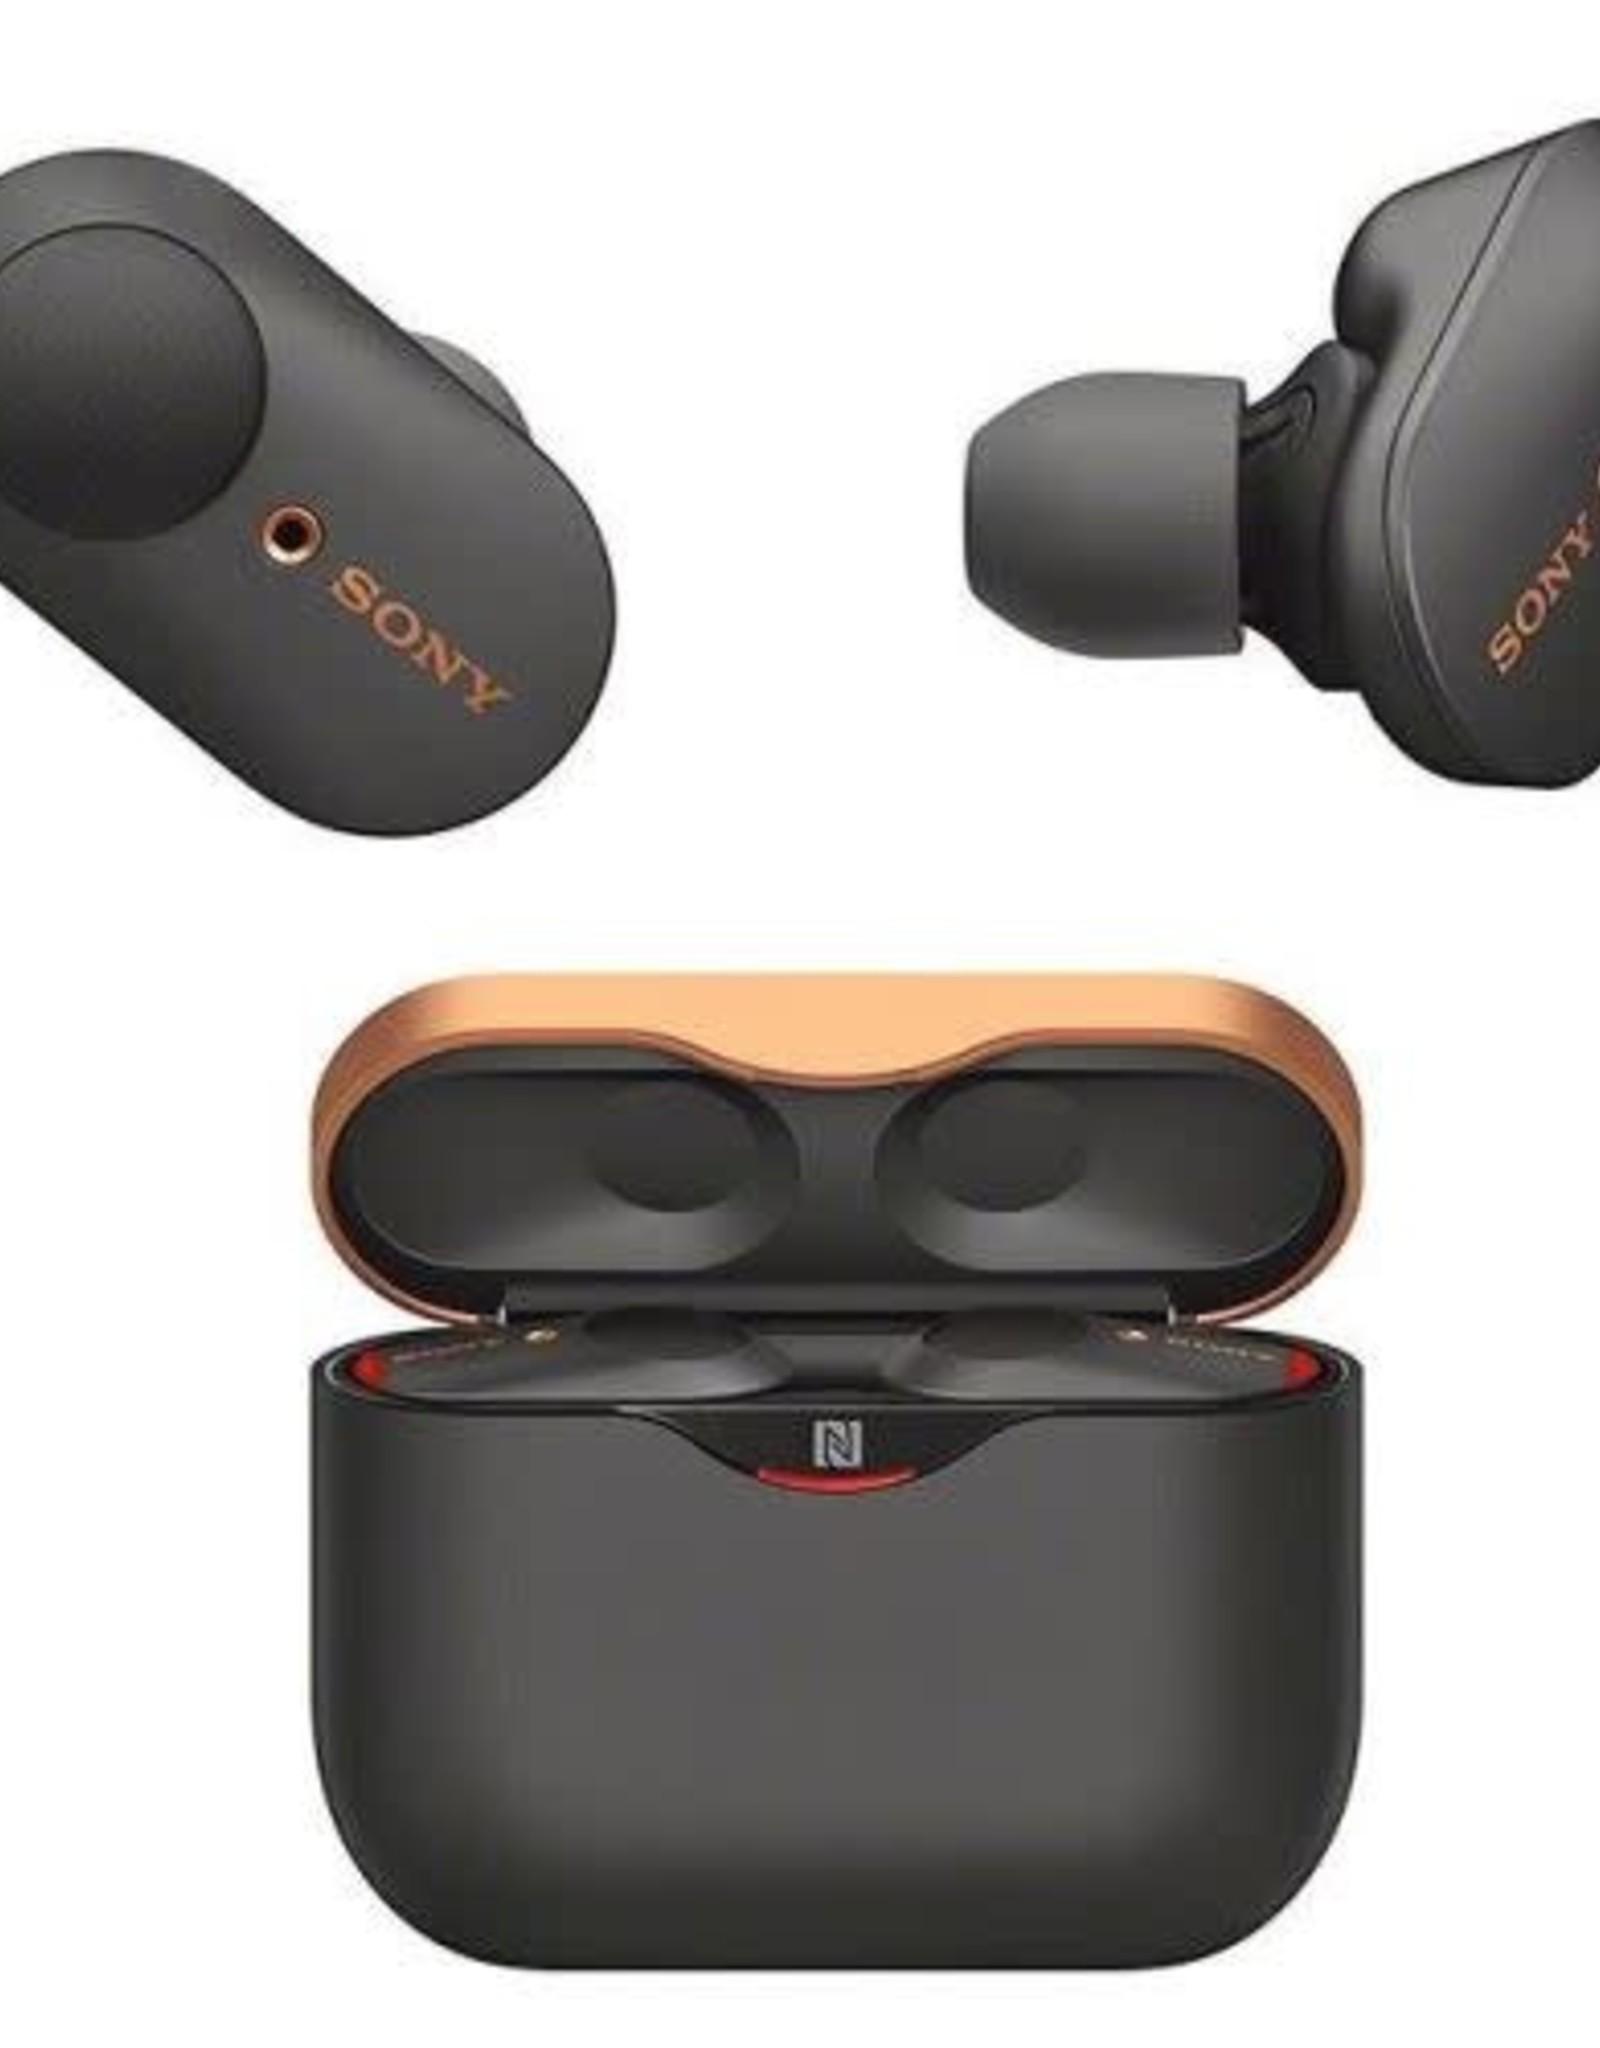 Sony Sony | True wireless earphones with mic - in-ear - Bluetooth - NFC  | WF-1000XM3